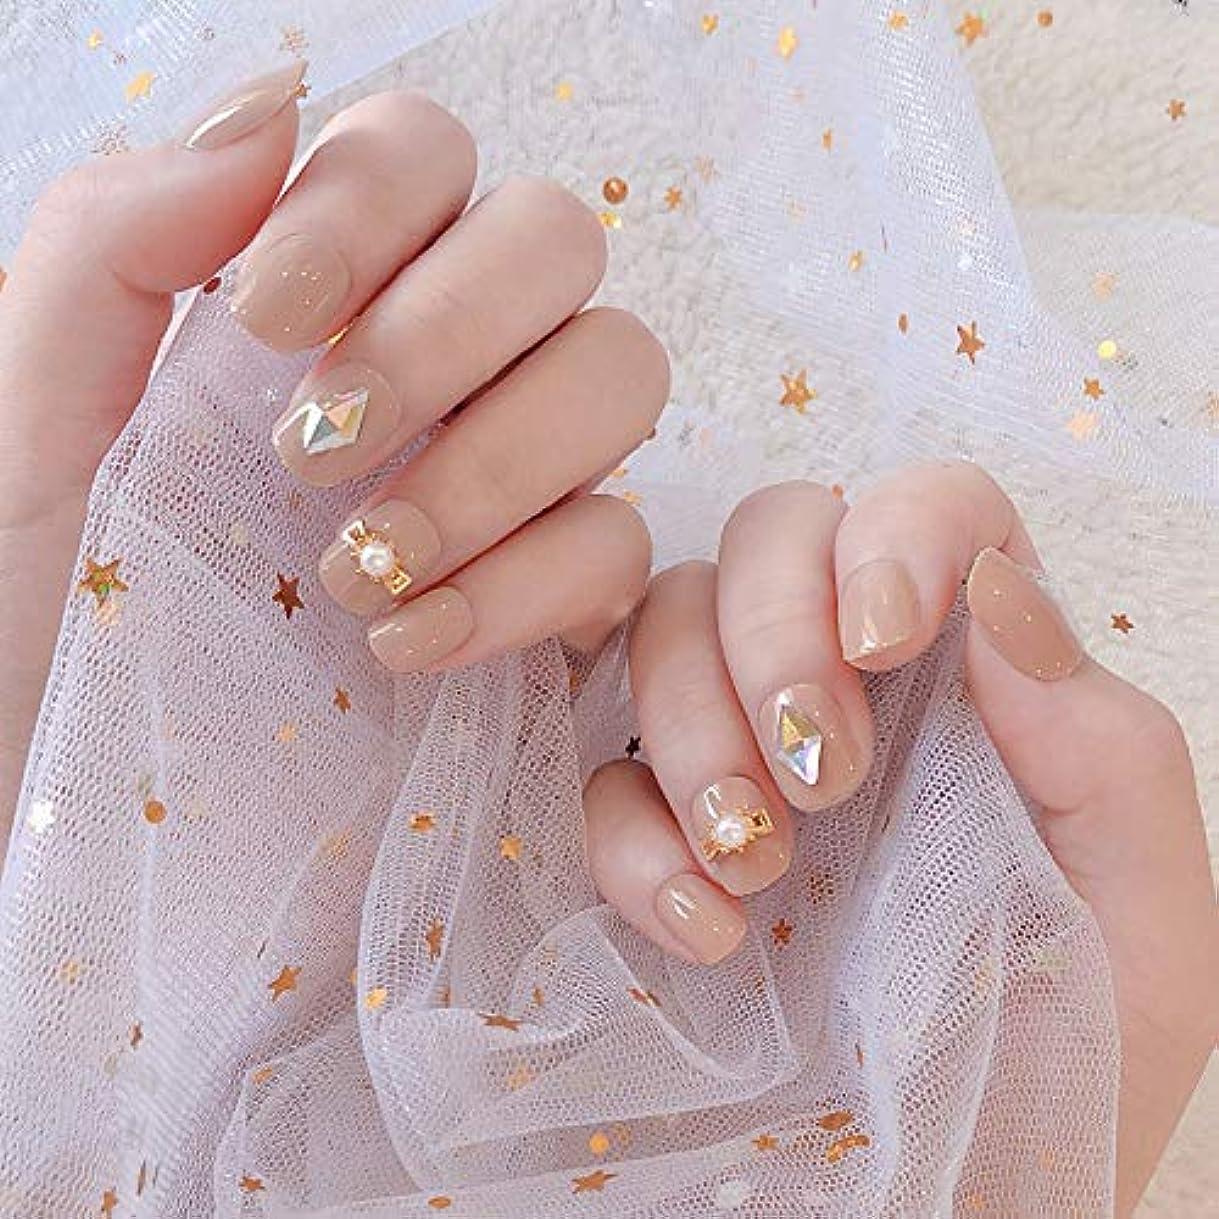 賃金アパートアクセサリーXUTXZKA 光沢のあるダイヤモンド花嫁ネイルアートグリッド花ネイルステッカーショートフルカバー偽の爪